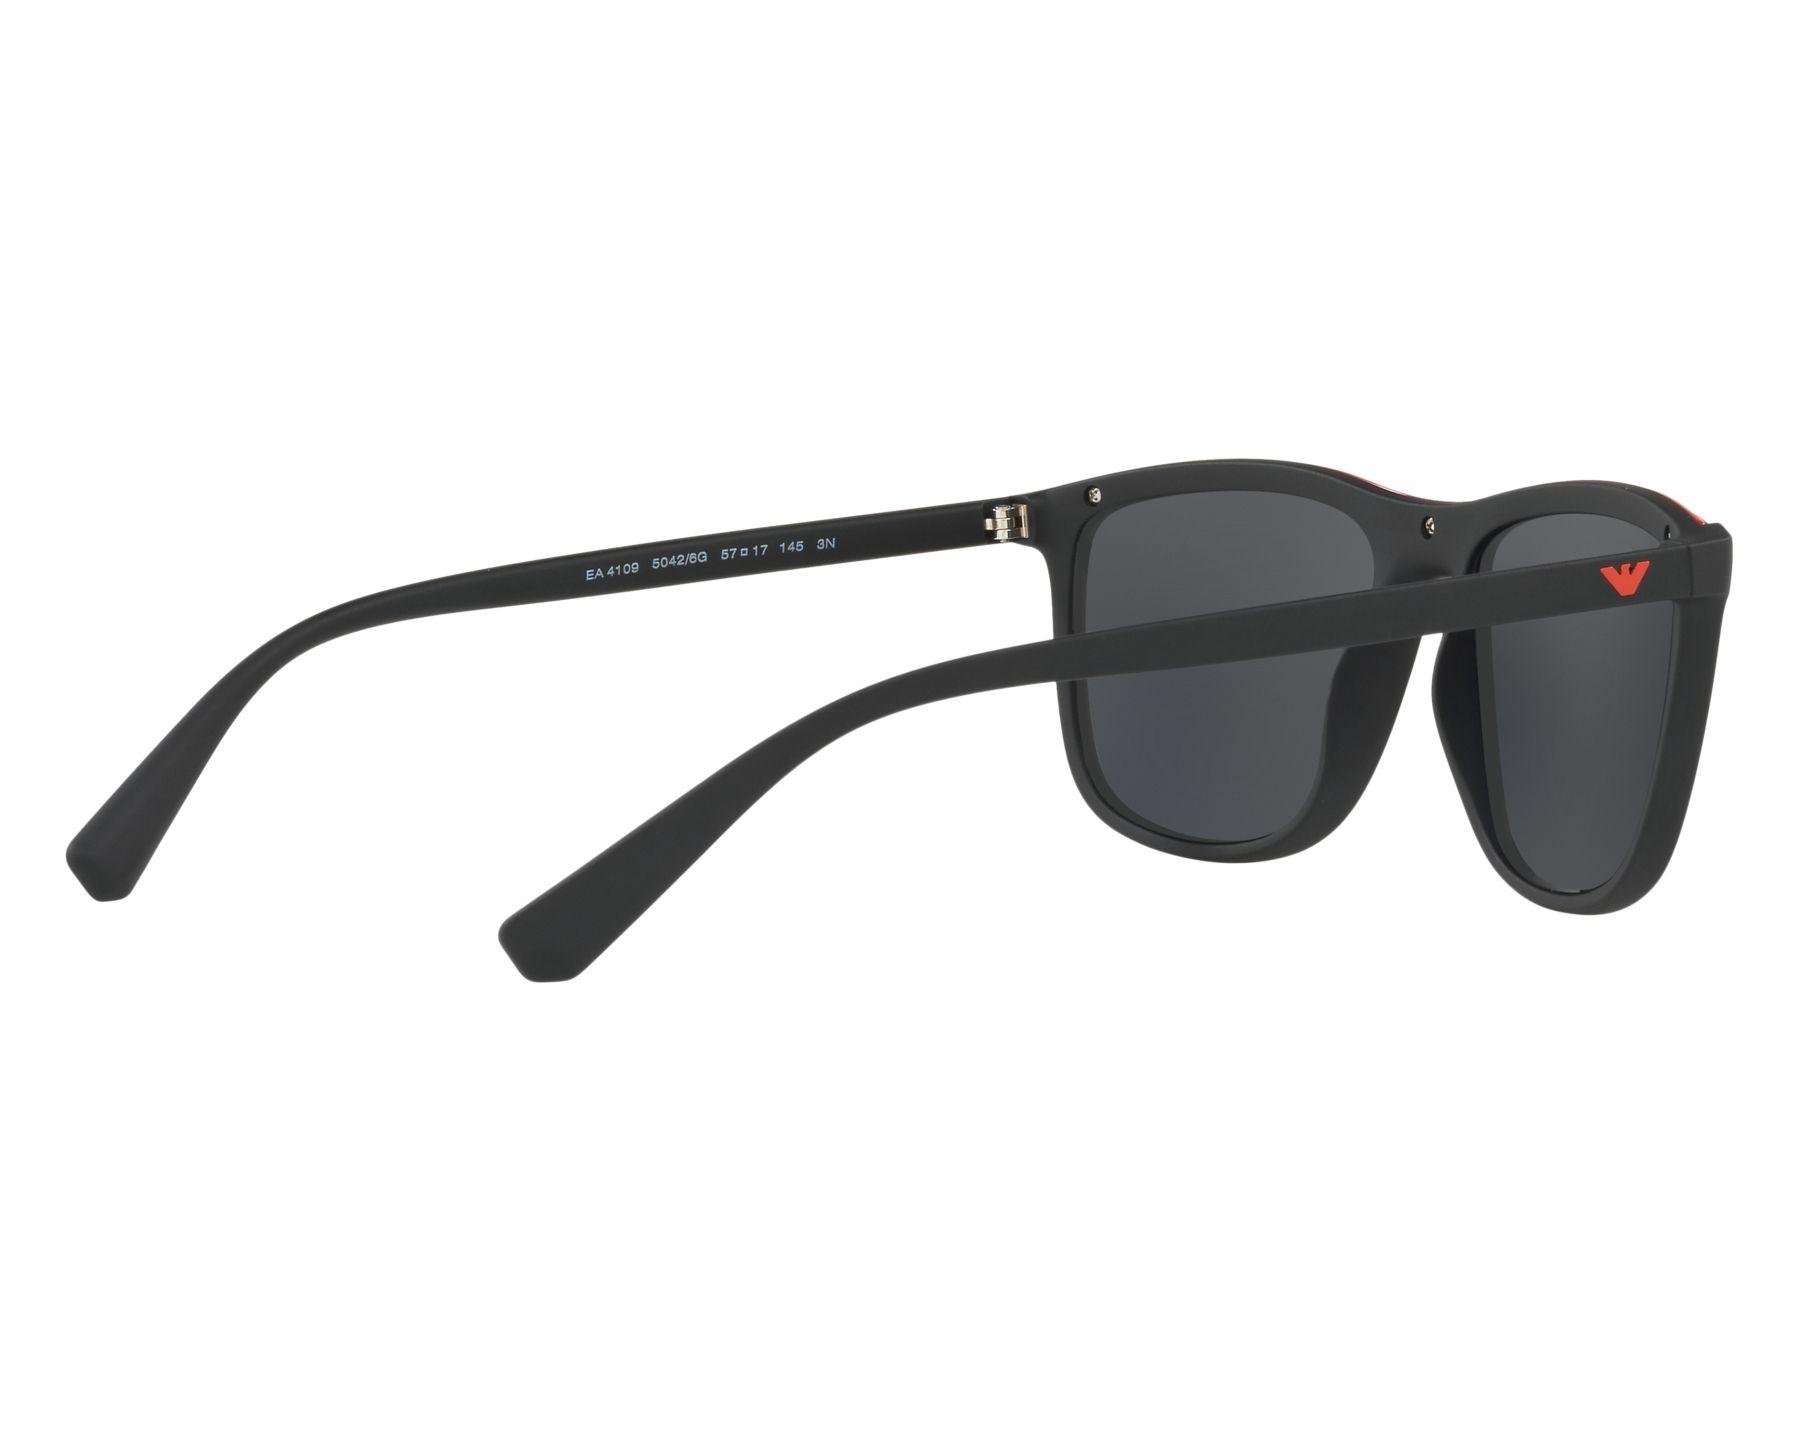 Sunglasses Emporio Armani EA-4109 50426G 57-17 Black Red 360 degree view 9 0f2080c125